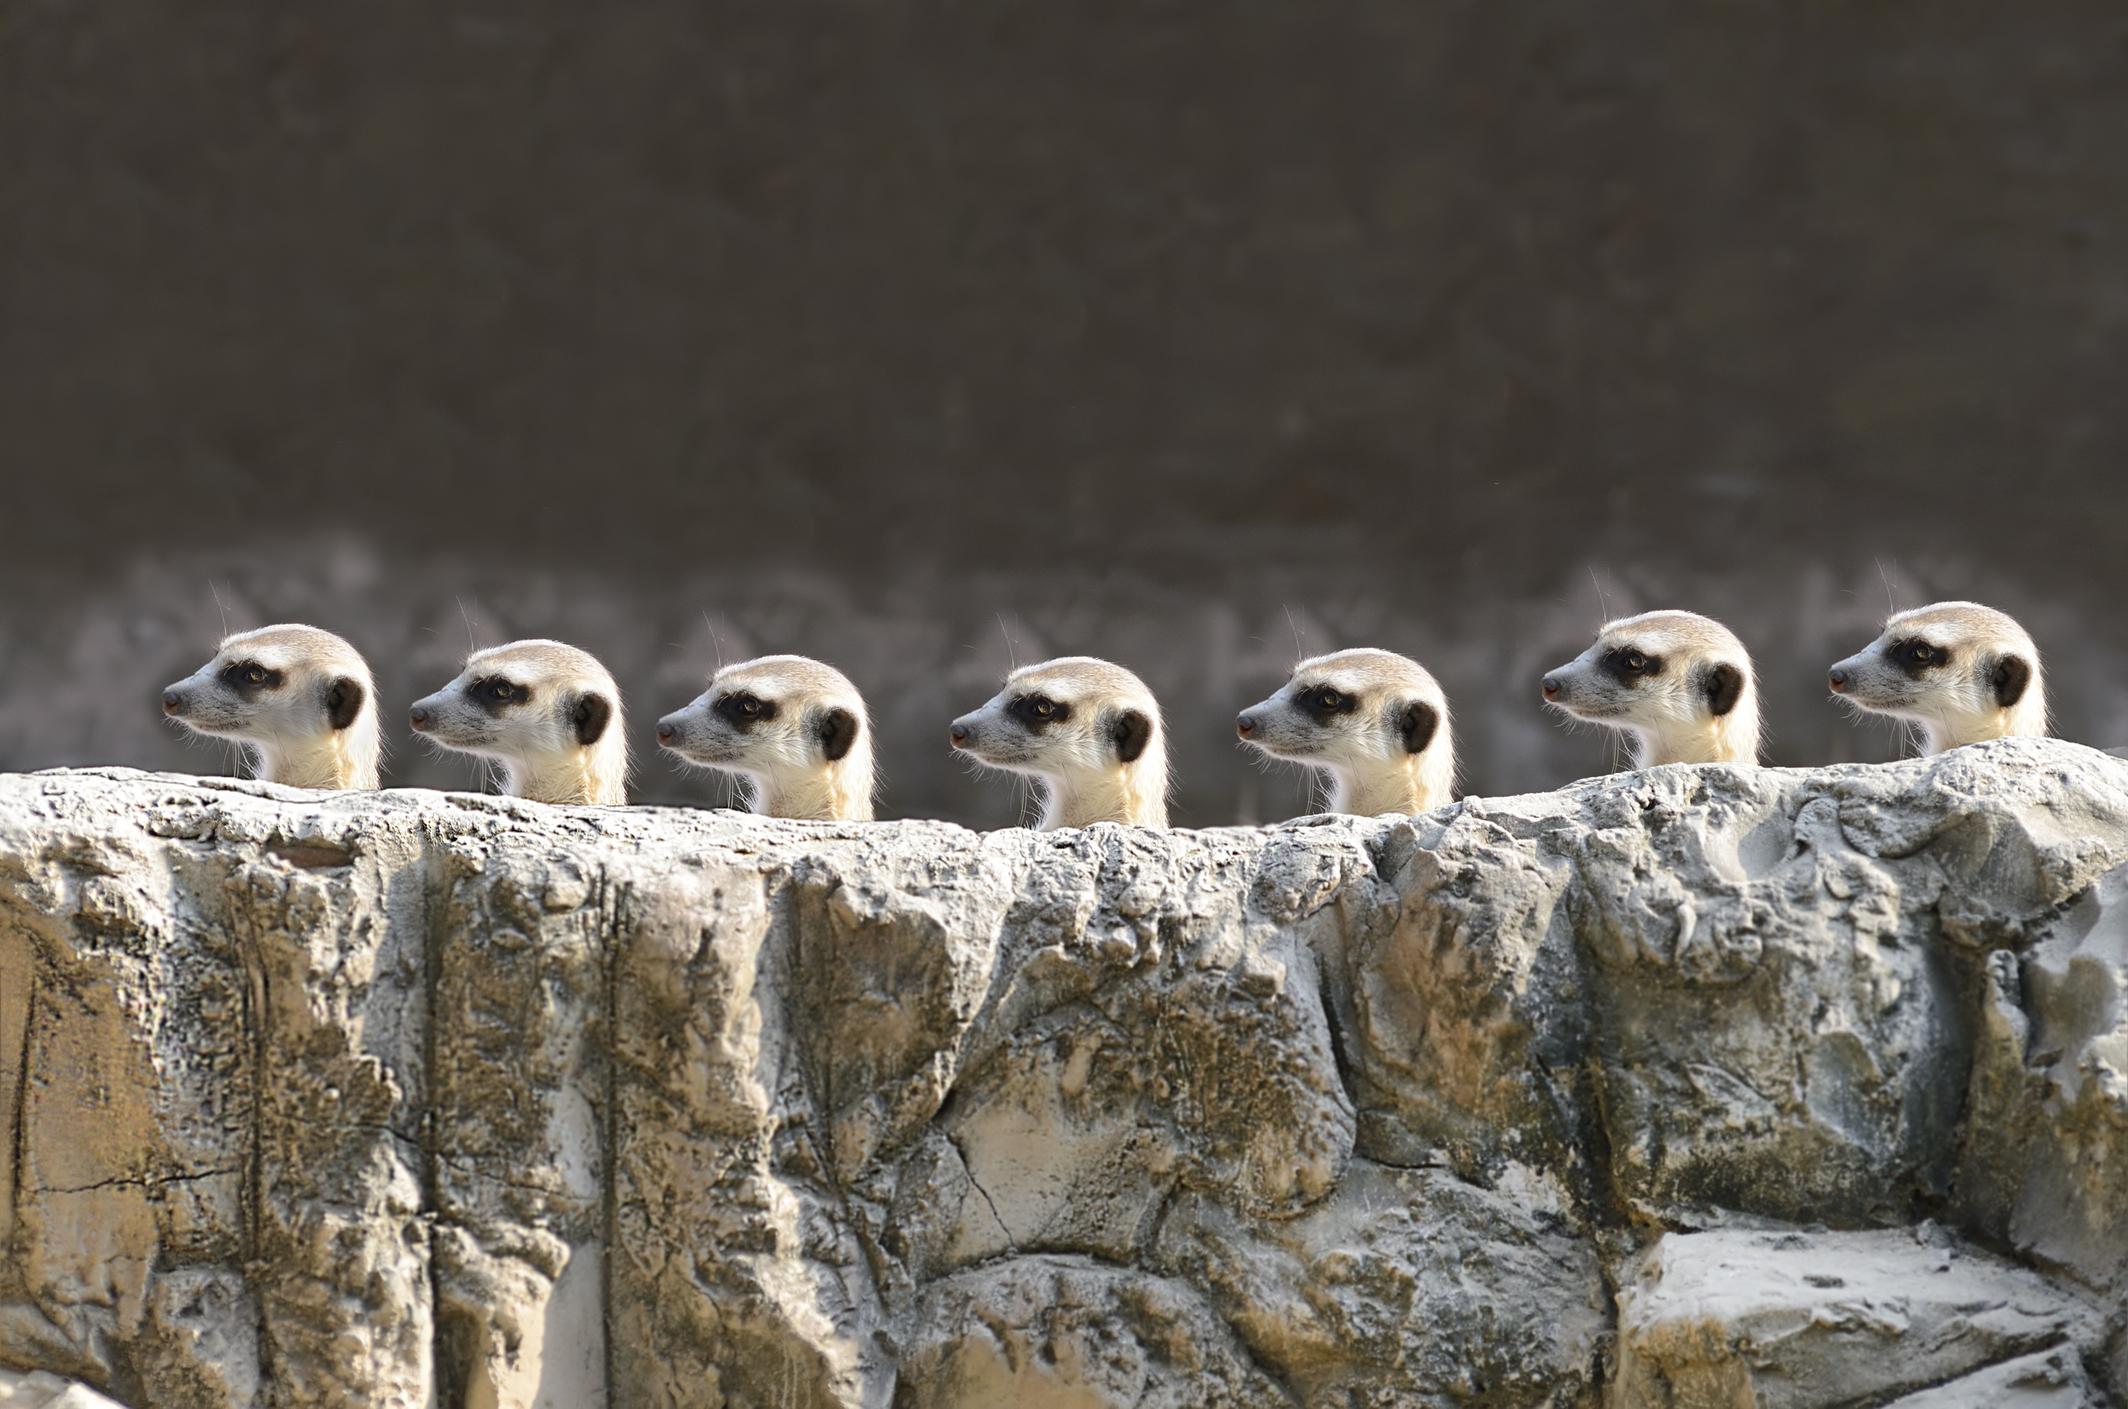 Испански учени анализираха поведението на 1000 бозайници и установиха, че сред тях сурикатите най-често убиват представител на собствения си вид.Известно е, че тези иначе симпатични животни, които живеят на групи до 50 в пустините Калахари и Намиб, убиват собствените си малки.